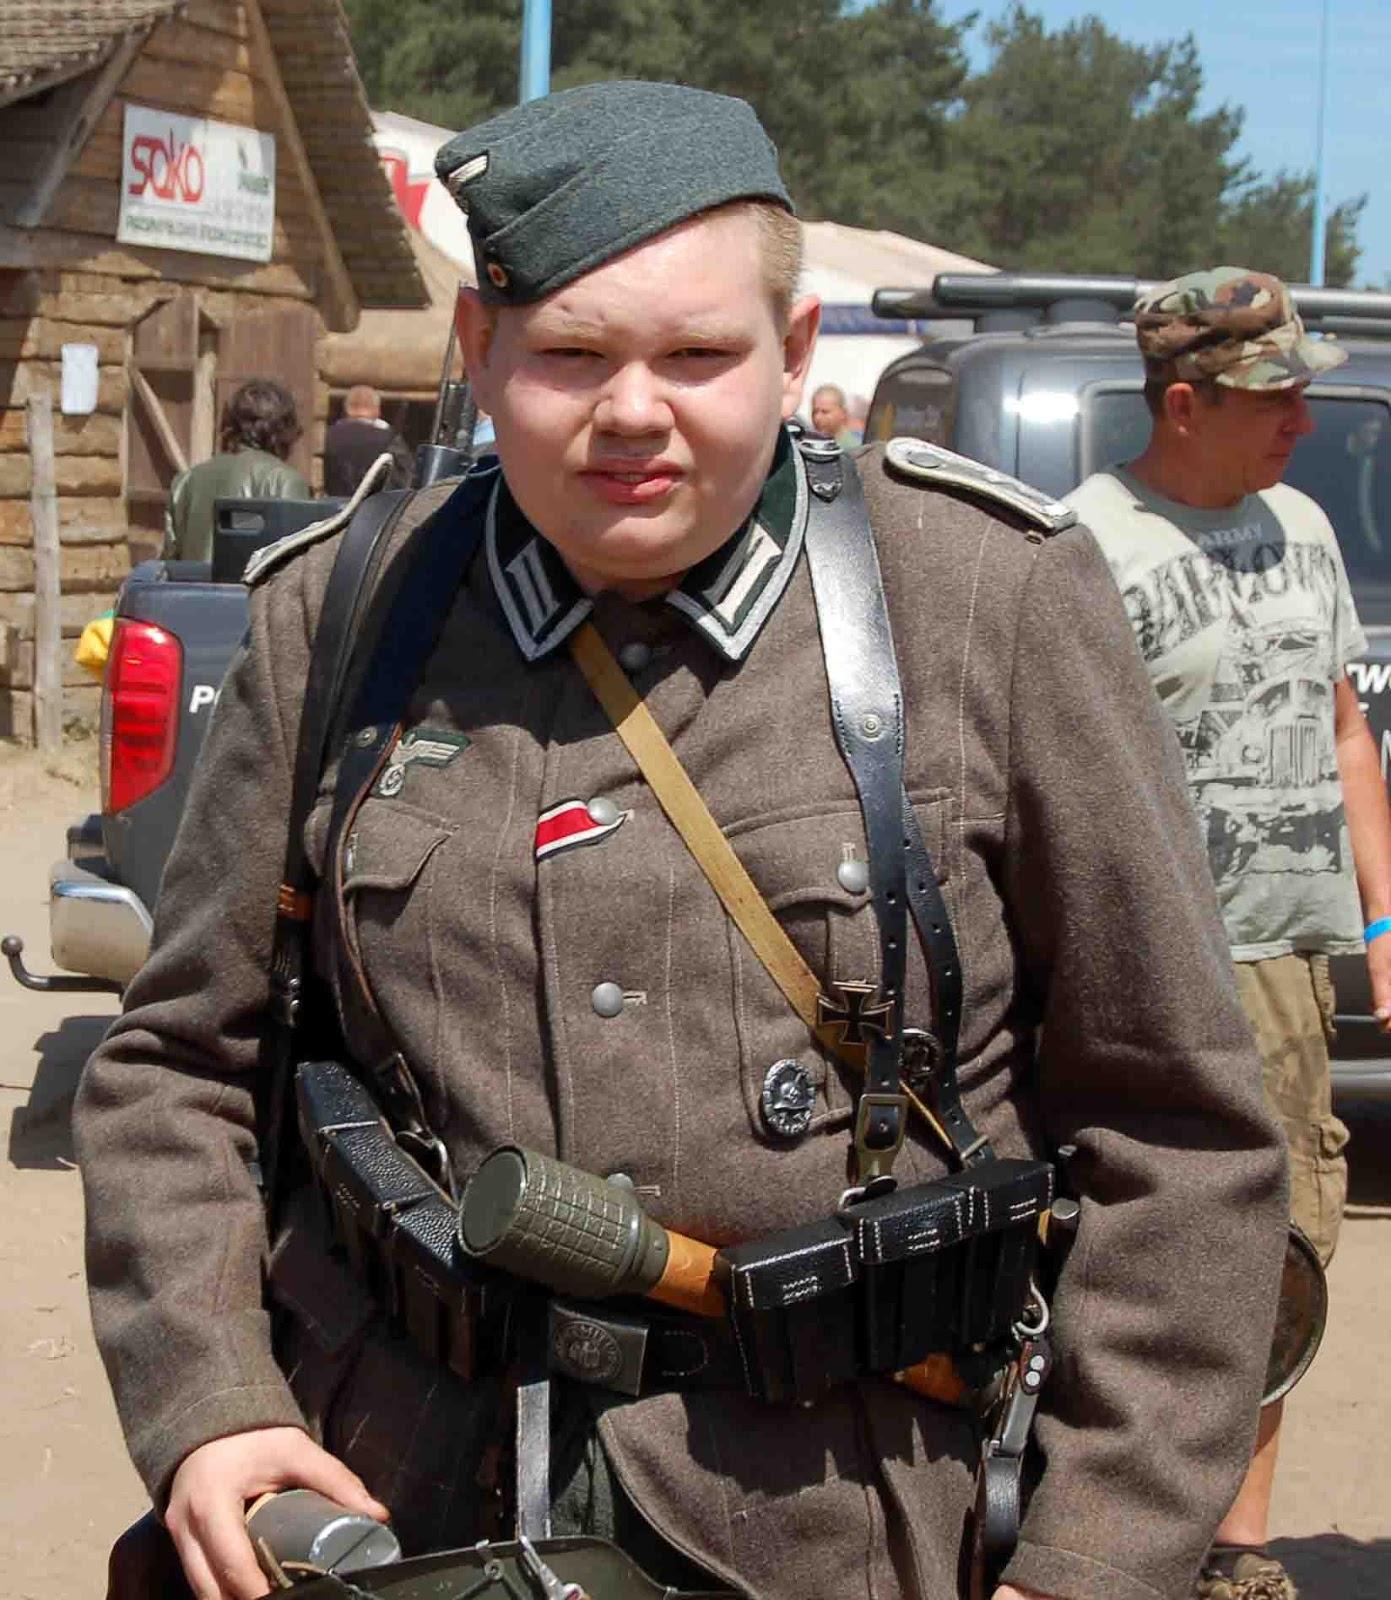 Fat Nazi